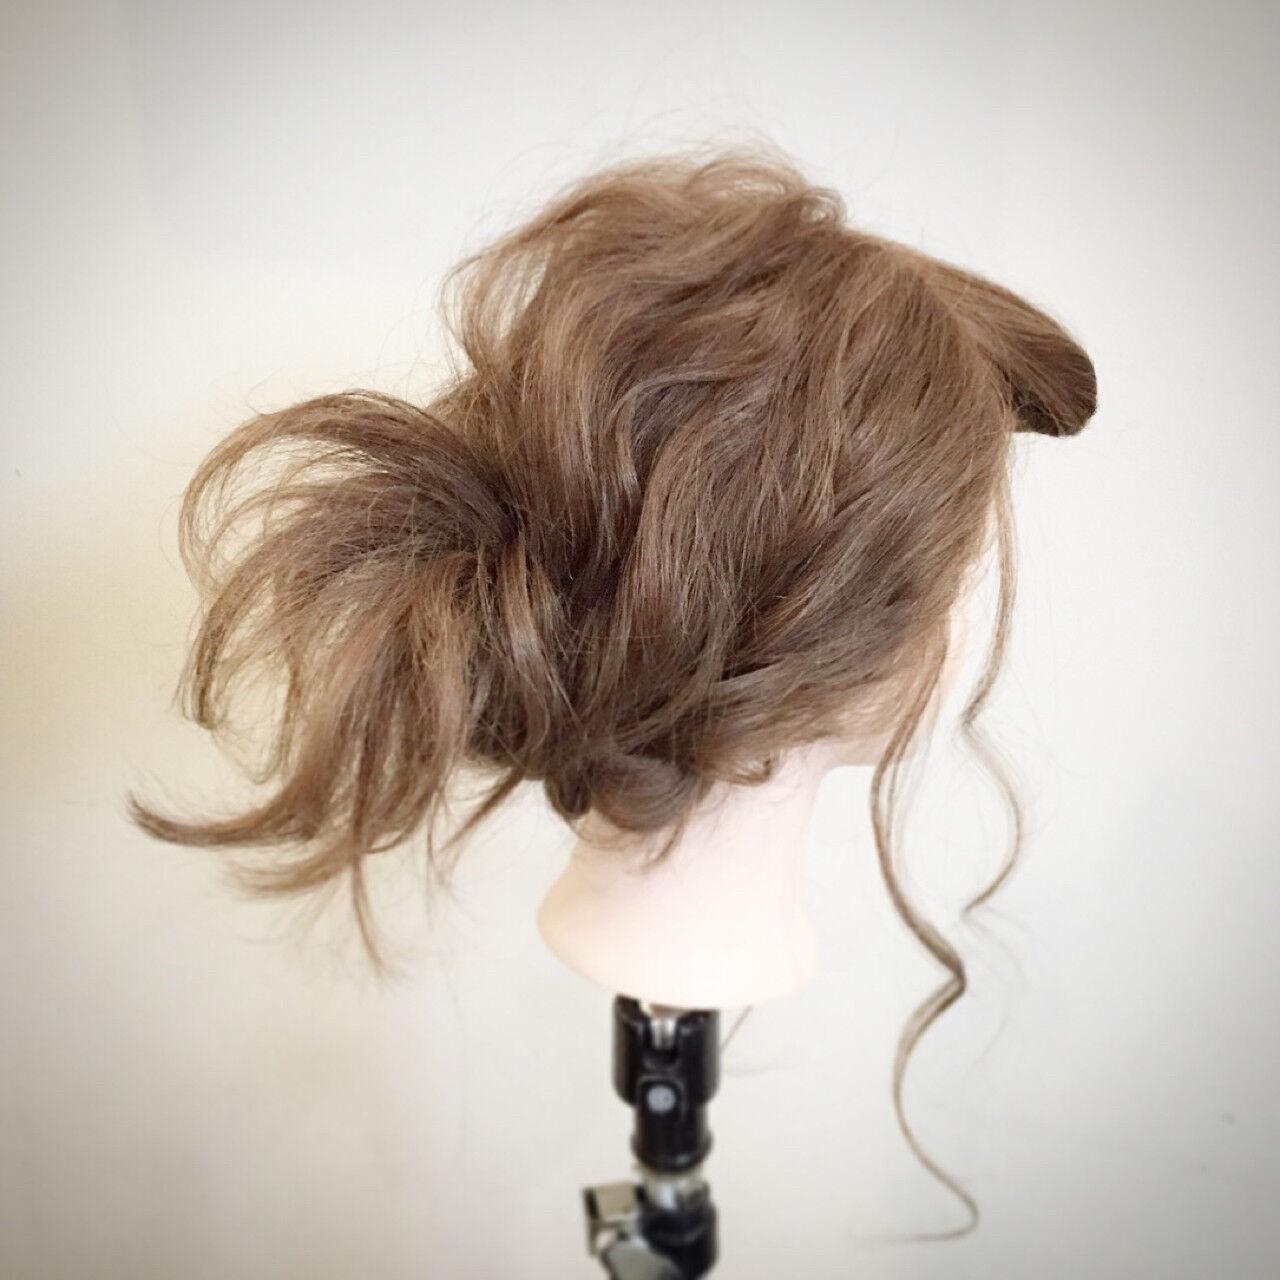 逆りんぱ セミロング 簡単ヘアアレンジ 大人かわいいヘアスタイルや髪型の写真・画像